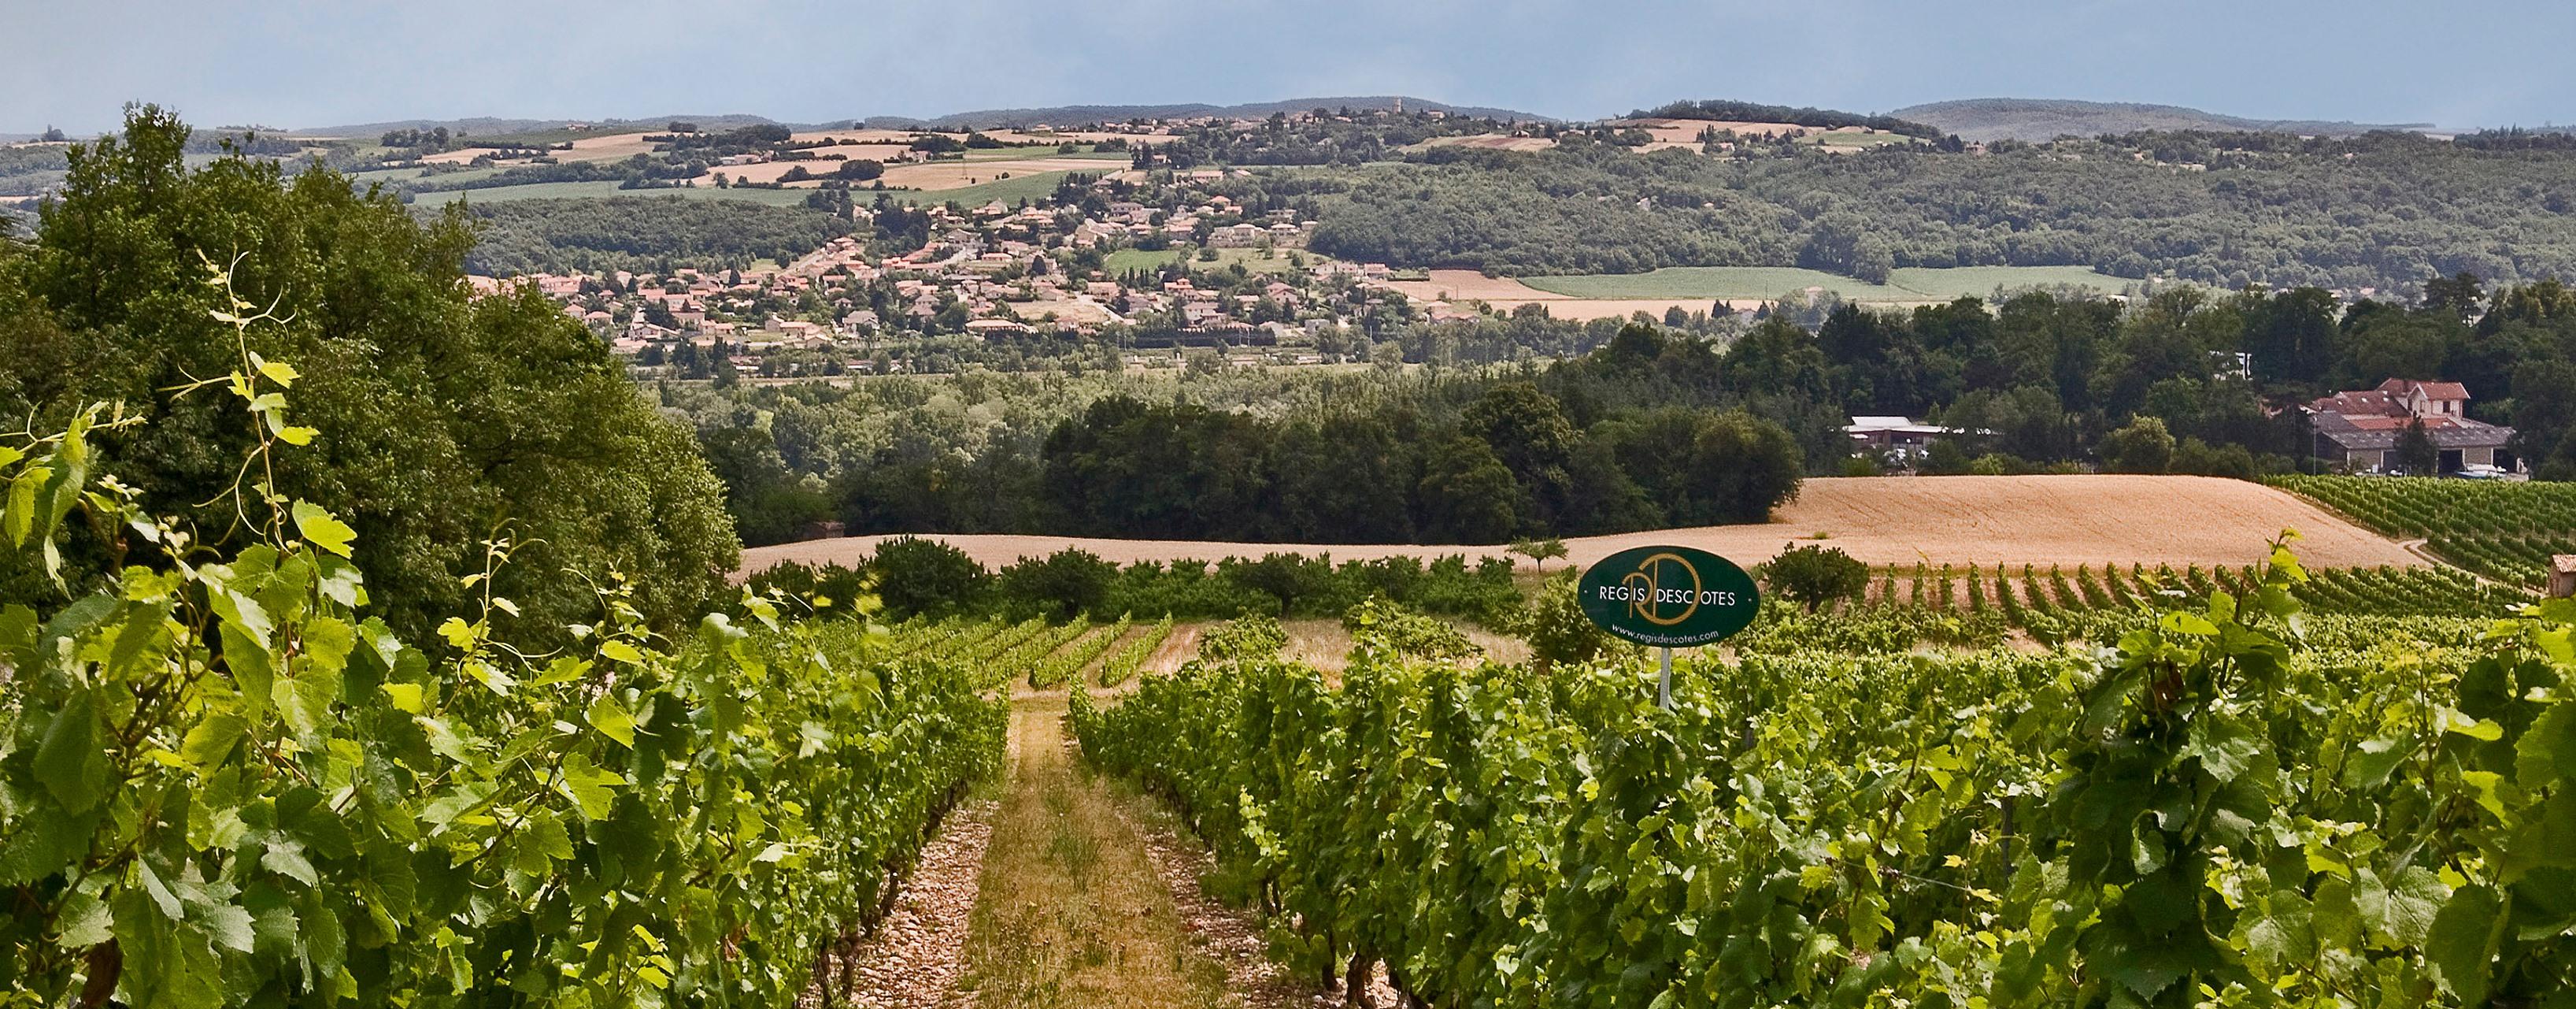 Domaine de Régis Descotes Milléry vignes